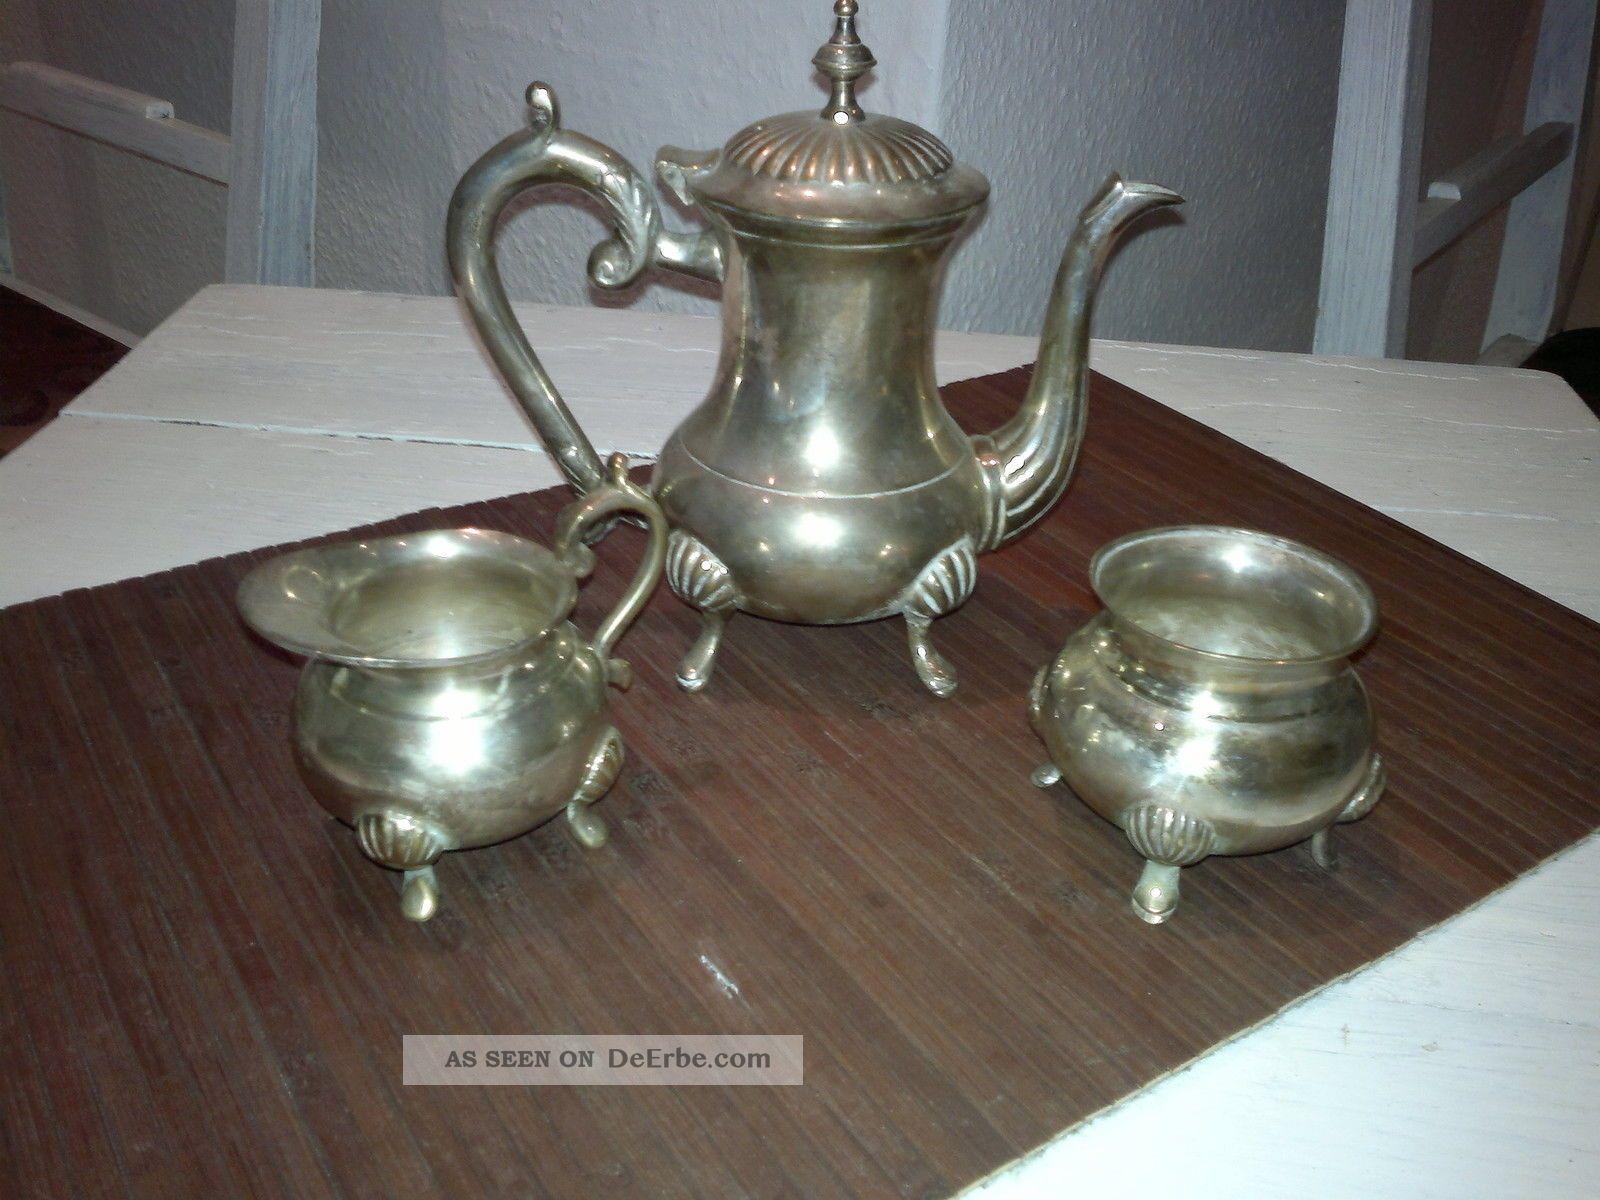 Kaffeekanne,  Teekanne,  Zuckerdose,  Silber,  England,  Dachbodenfund,  Kellerfund Objekte vor 1945 Bild